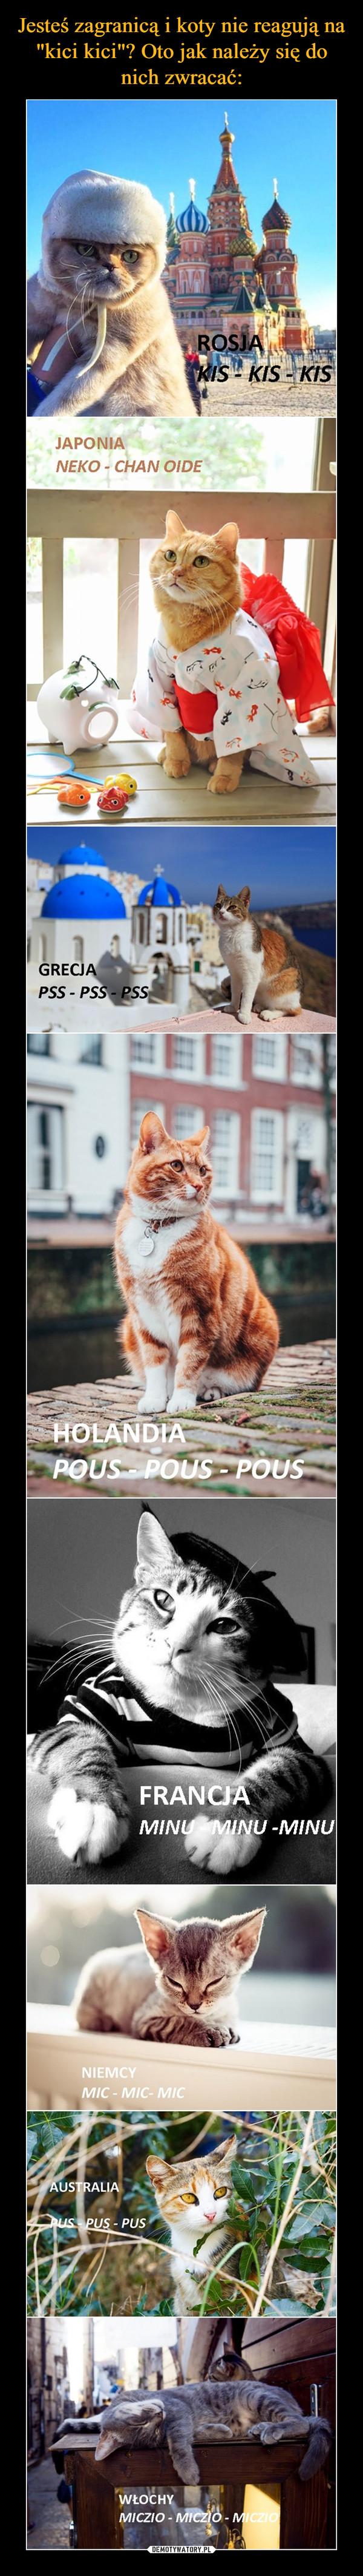 –  Rosja kis - kis - kis Japonia neko - chan oide Grecja pss pss pss Holandia Pous Pous Pous Francja minu minu minu Niemcy mic mic mic Australia pus pus pus Wlochy miczo miczo miczo